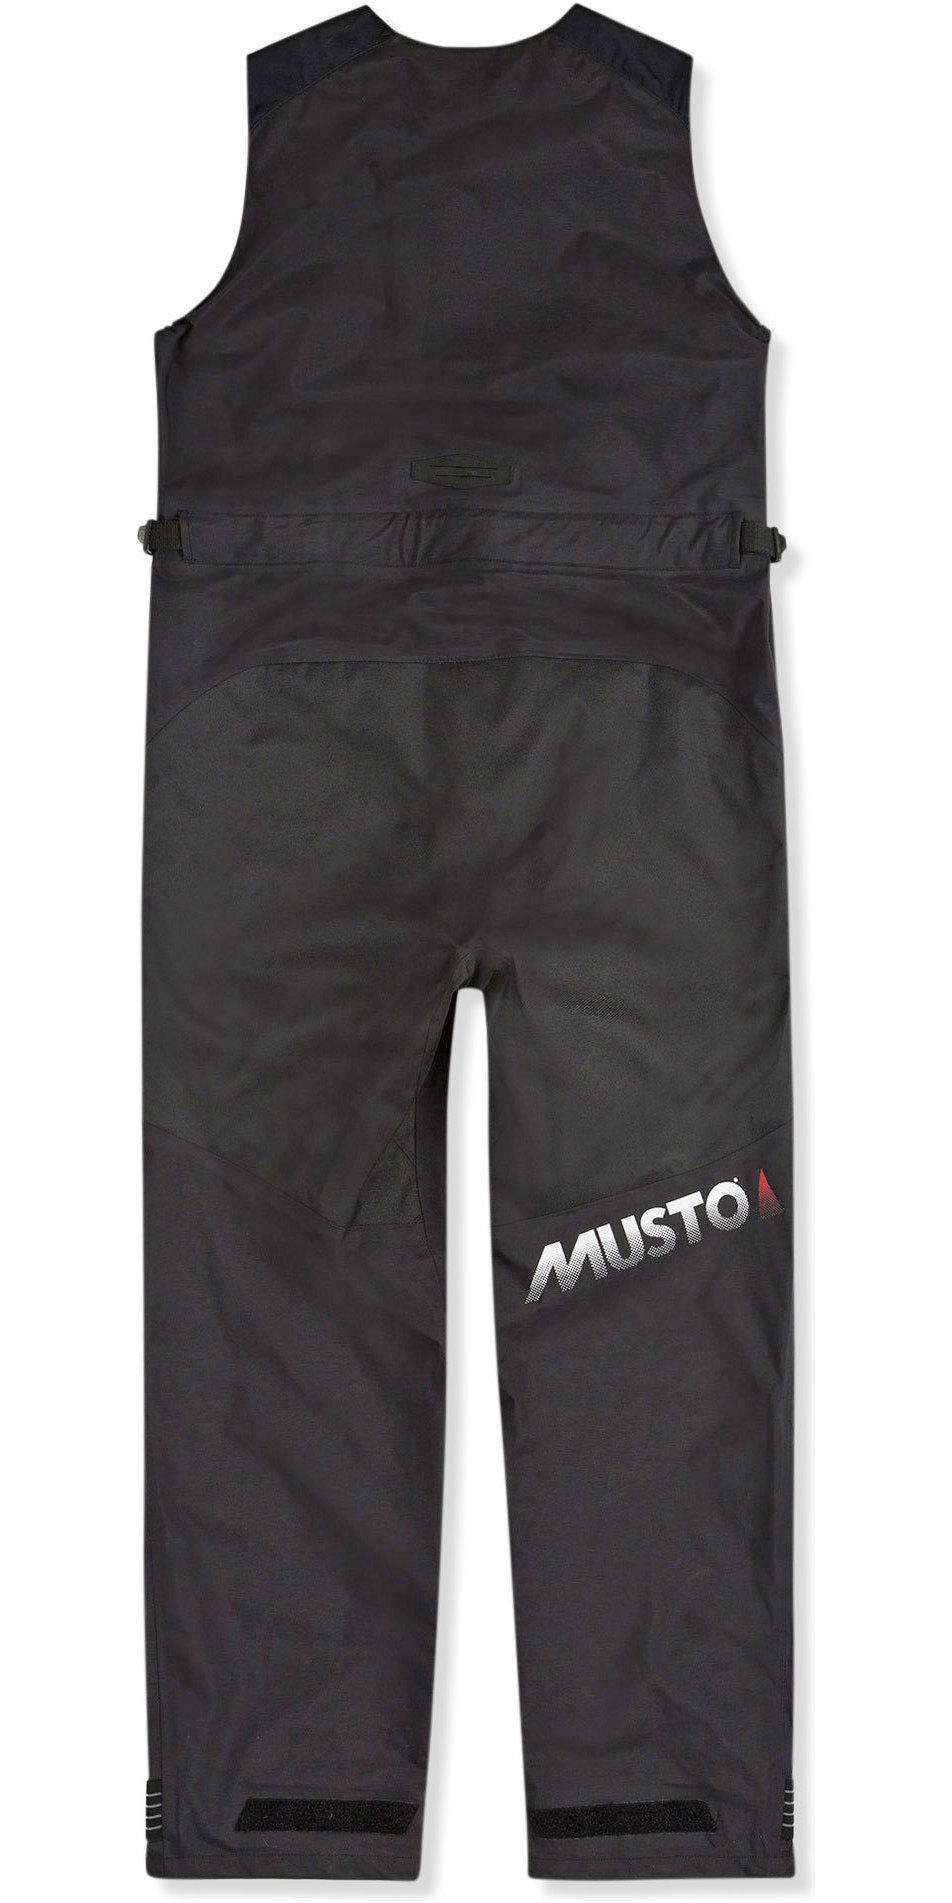 2019 Conjunto Musto Br2 Sport Chaqueta Y Salopettes Para Hombre - Platino / Negro